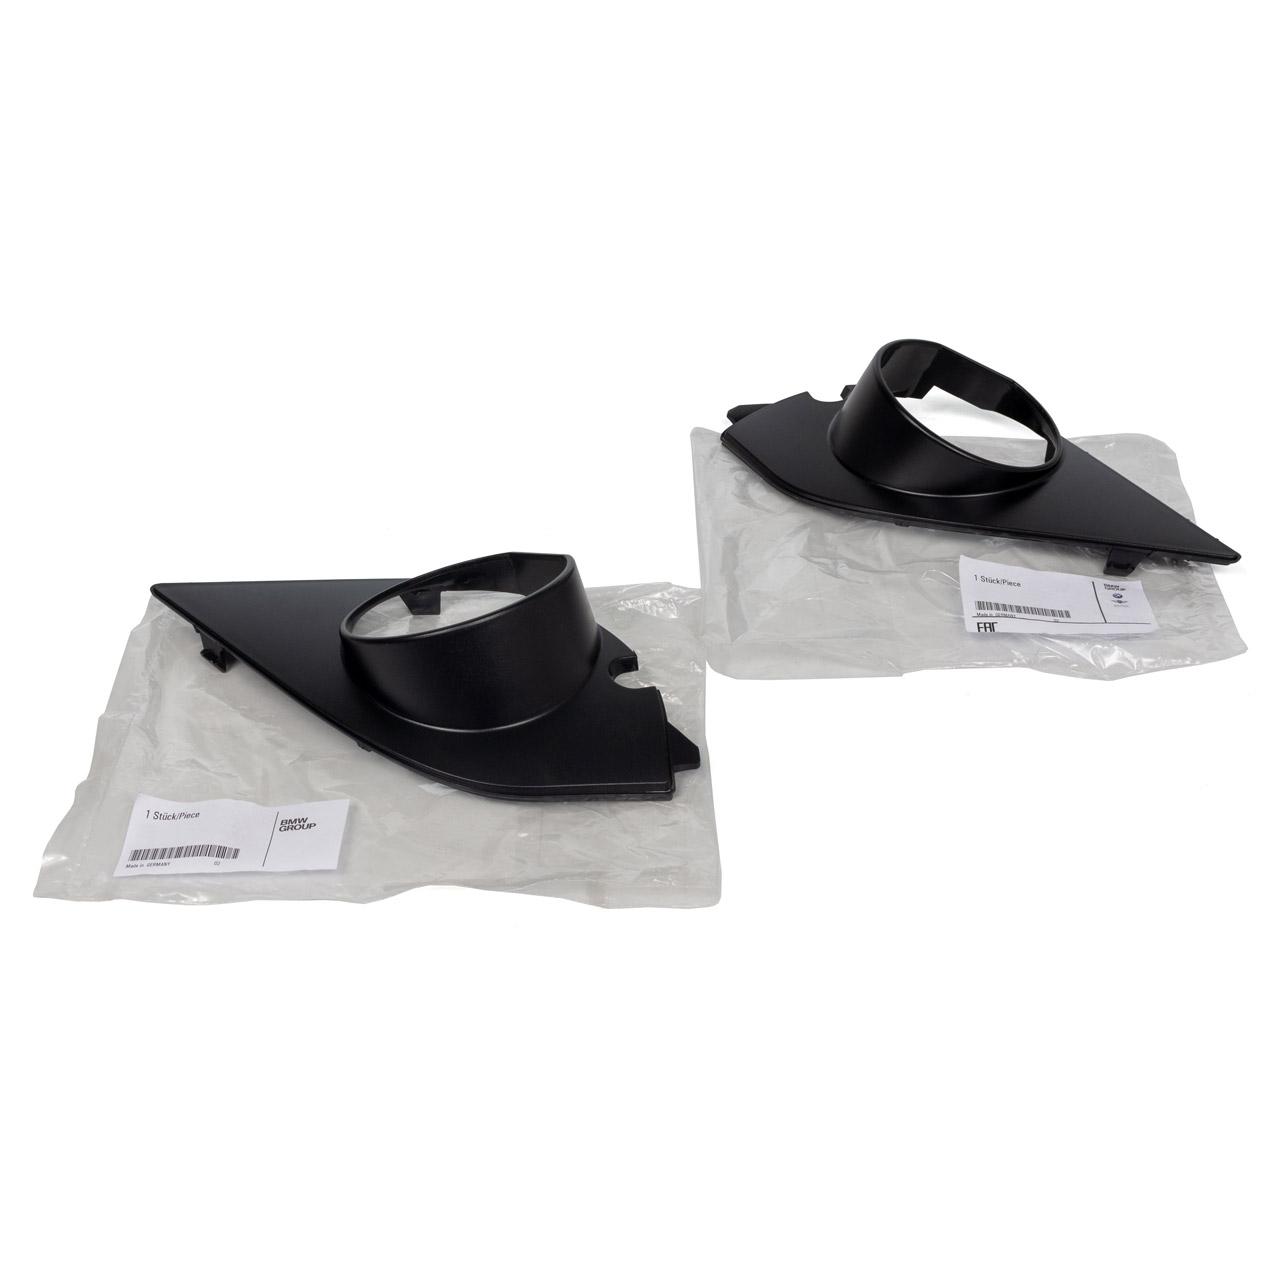 ORIGINAL BMW Abdeckung Nebelscheinwerfer Satz M Paket 5er E60 E61 links + rechts